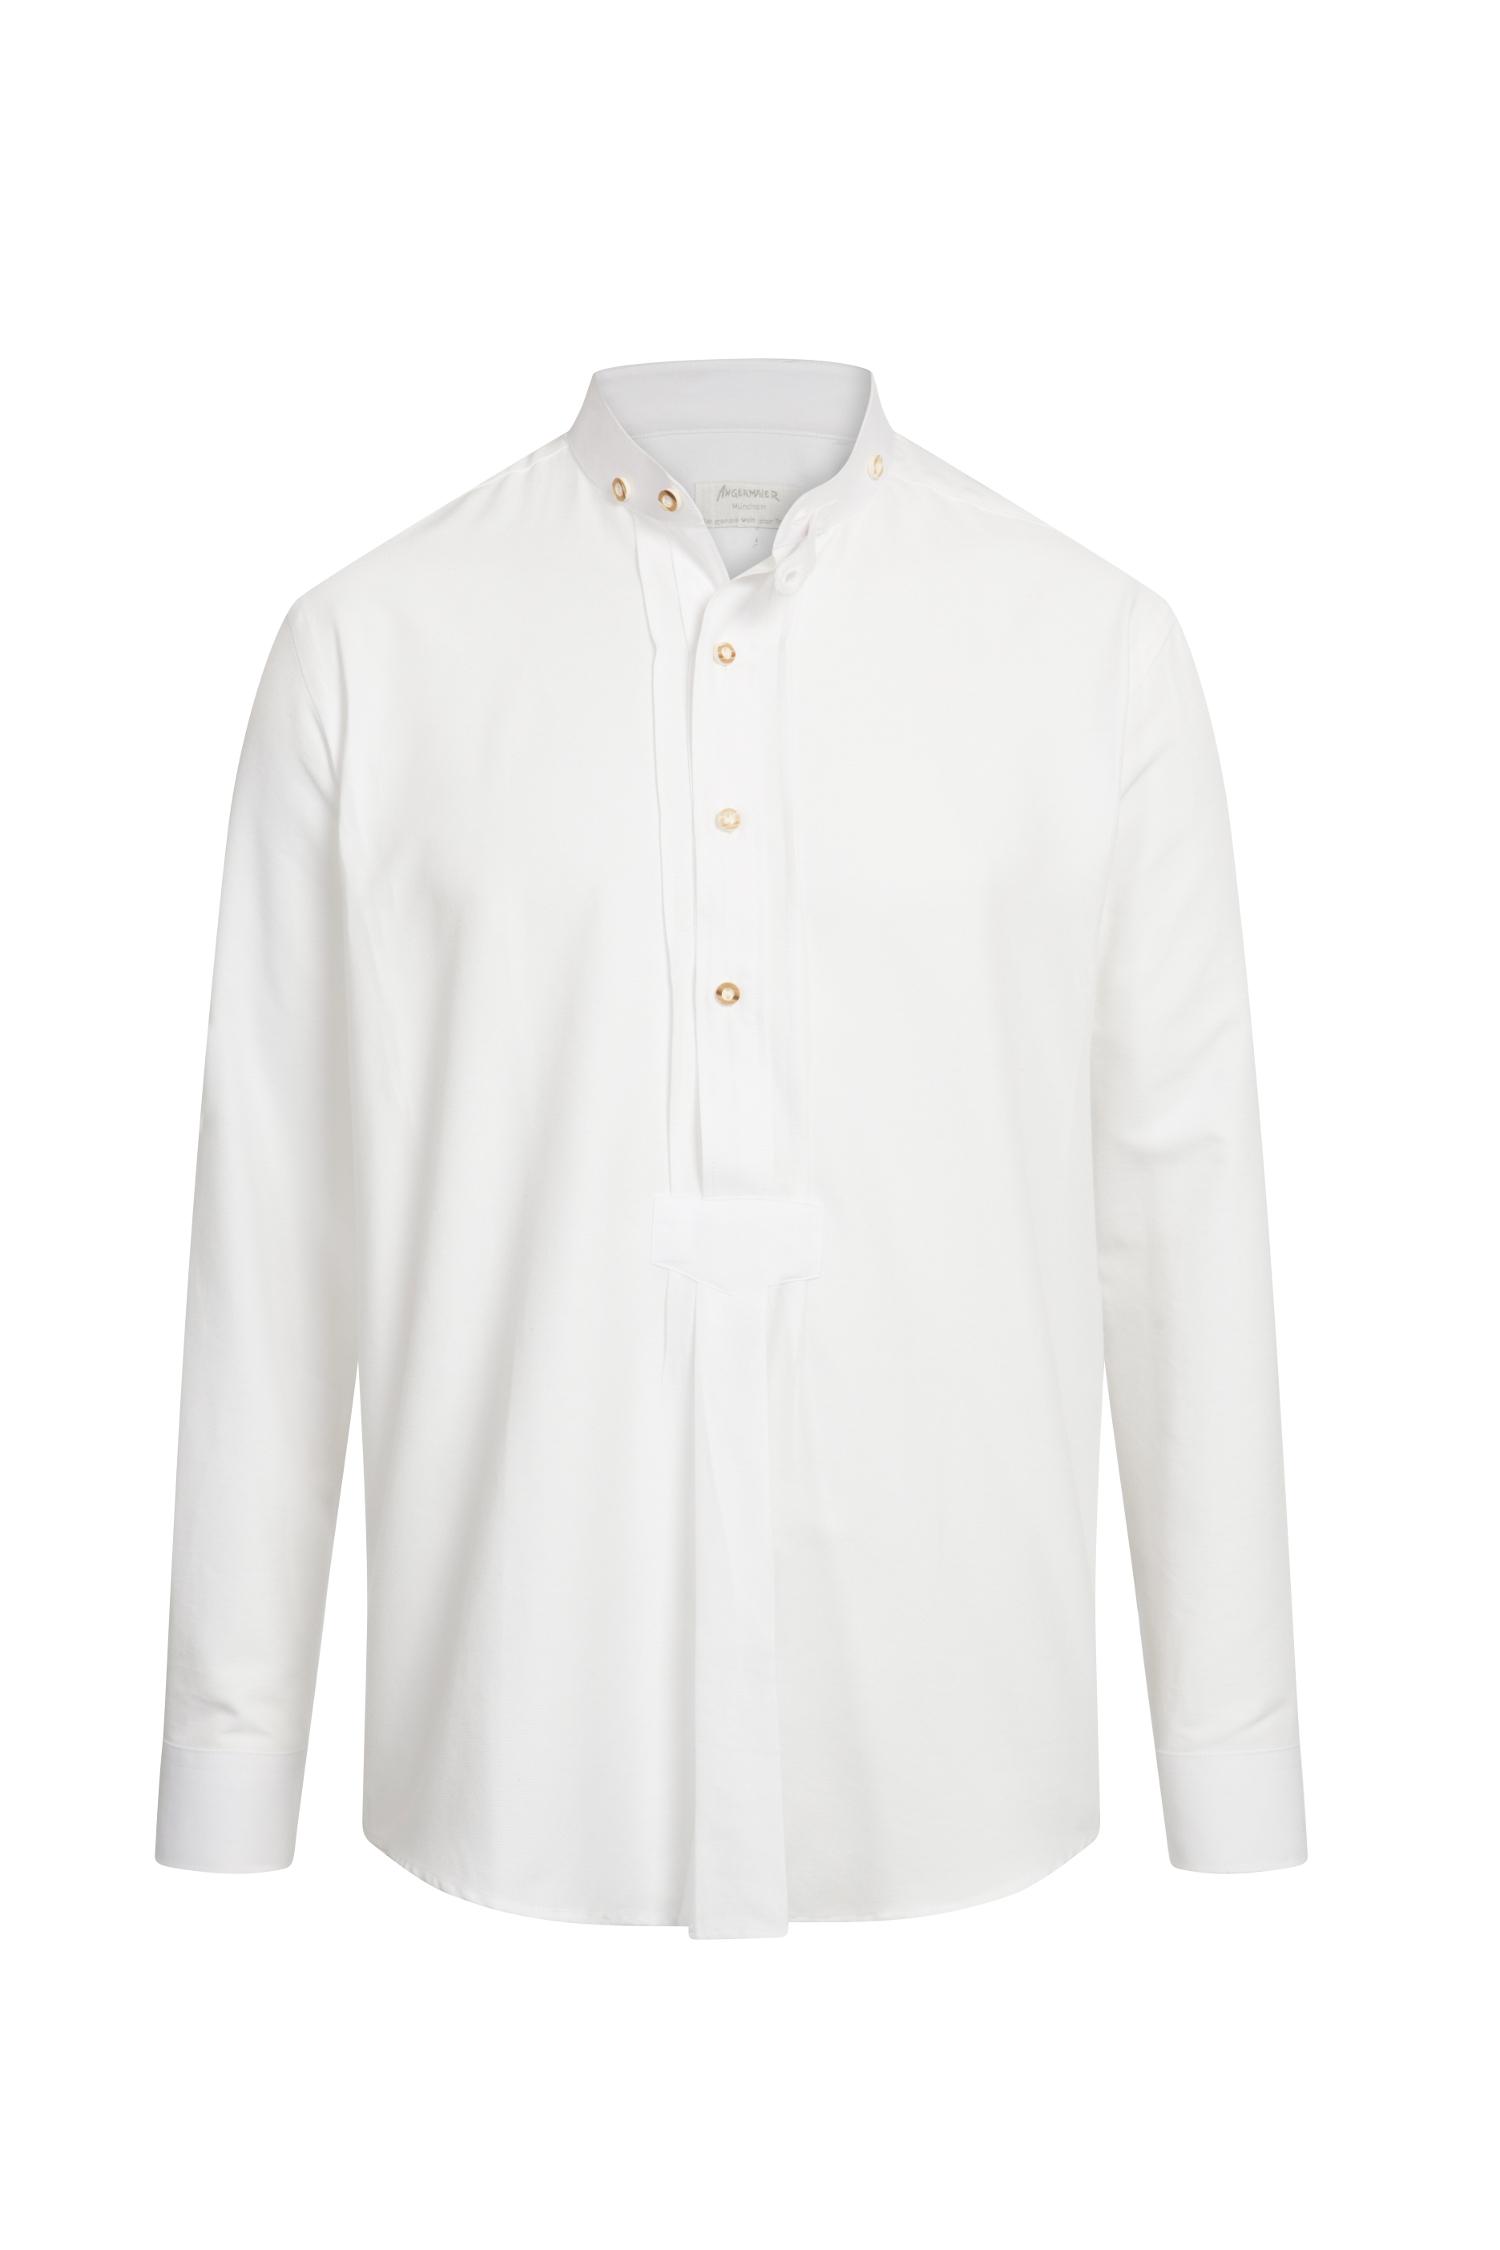 Trachtenhemd Stehkragen XXL | weiß